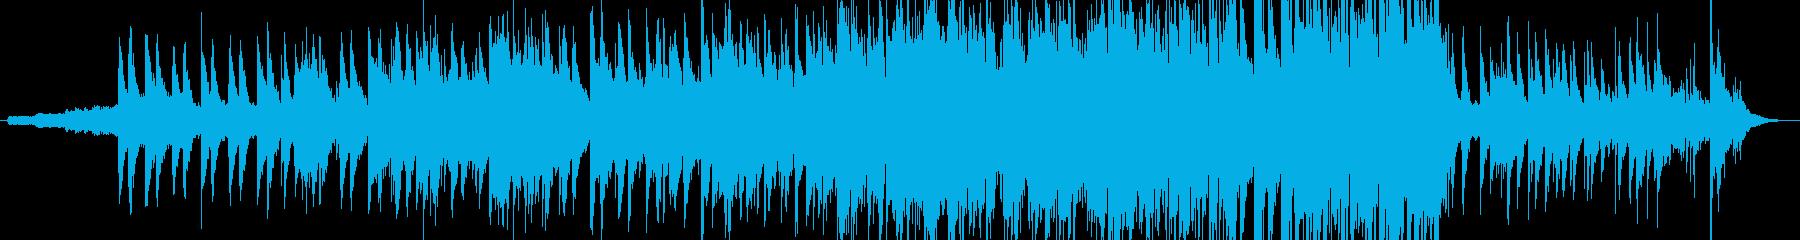 【生演奏】暖かくも切ないピアノバラードの再生済みの波形